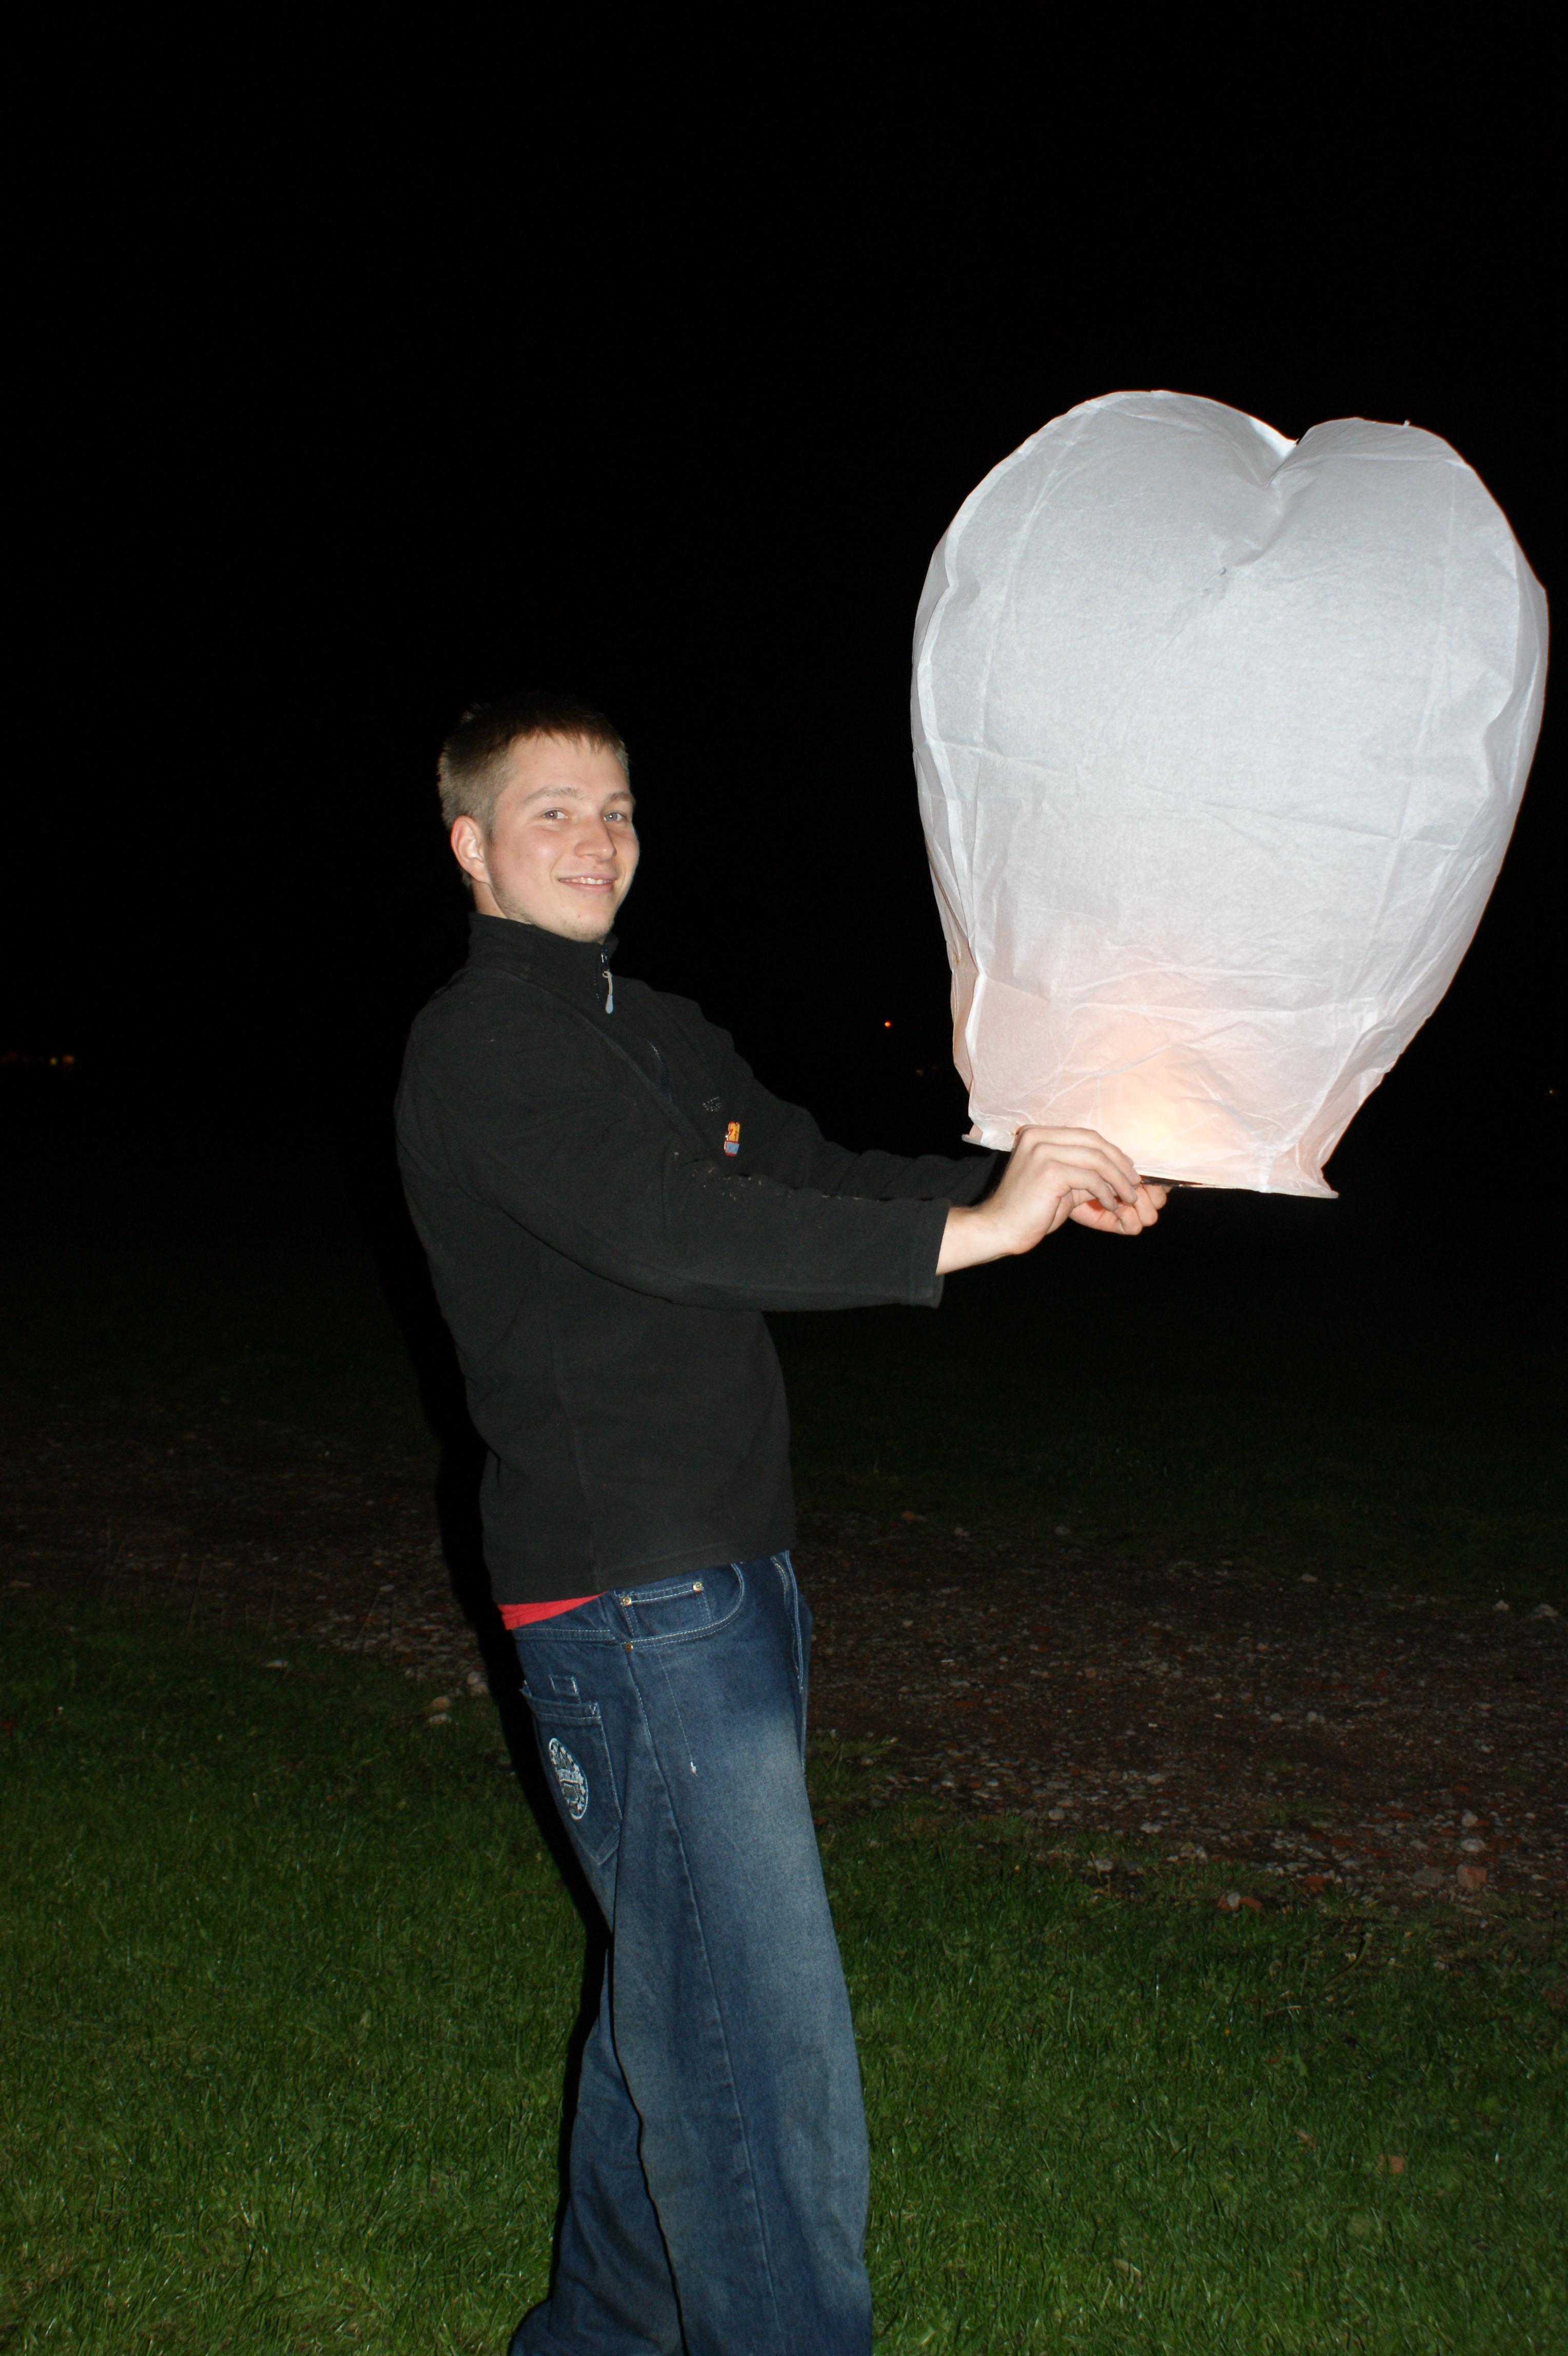 Секс и воздушные шарики 5 фотография